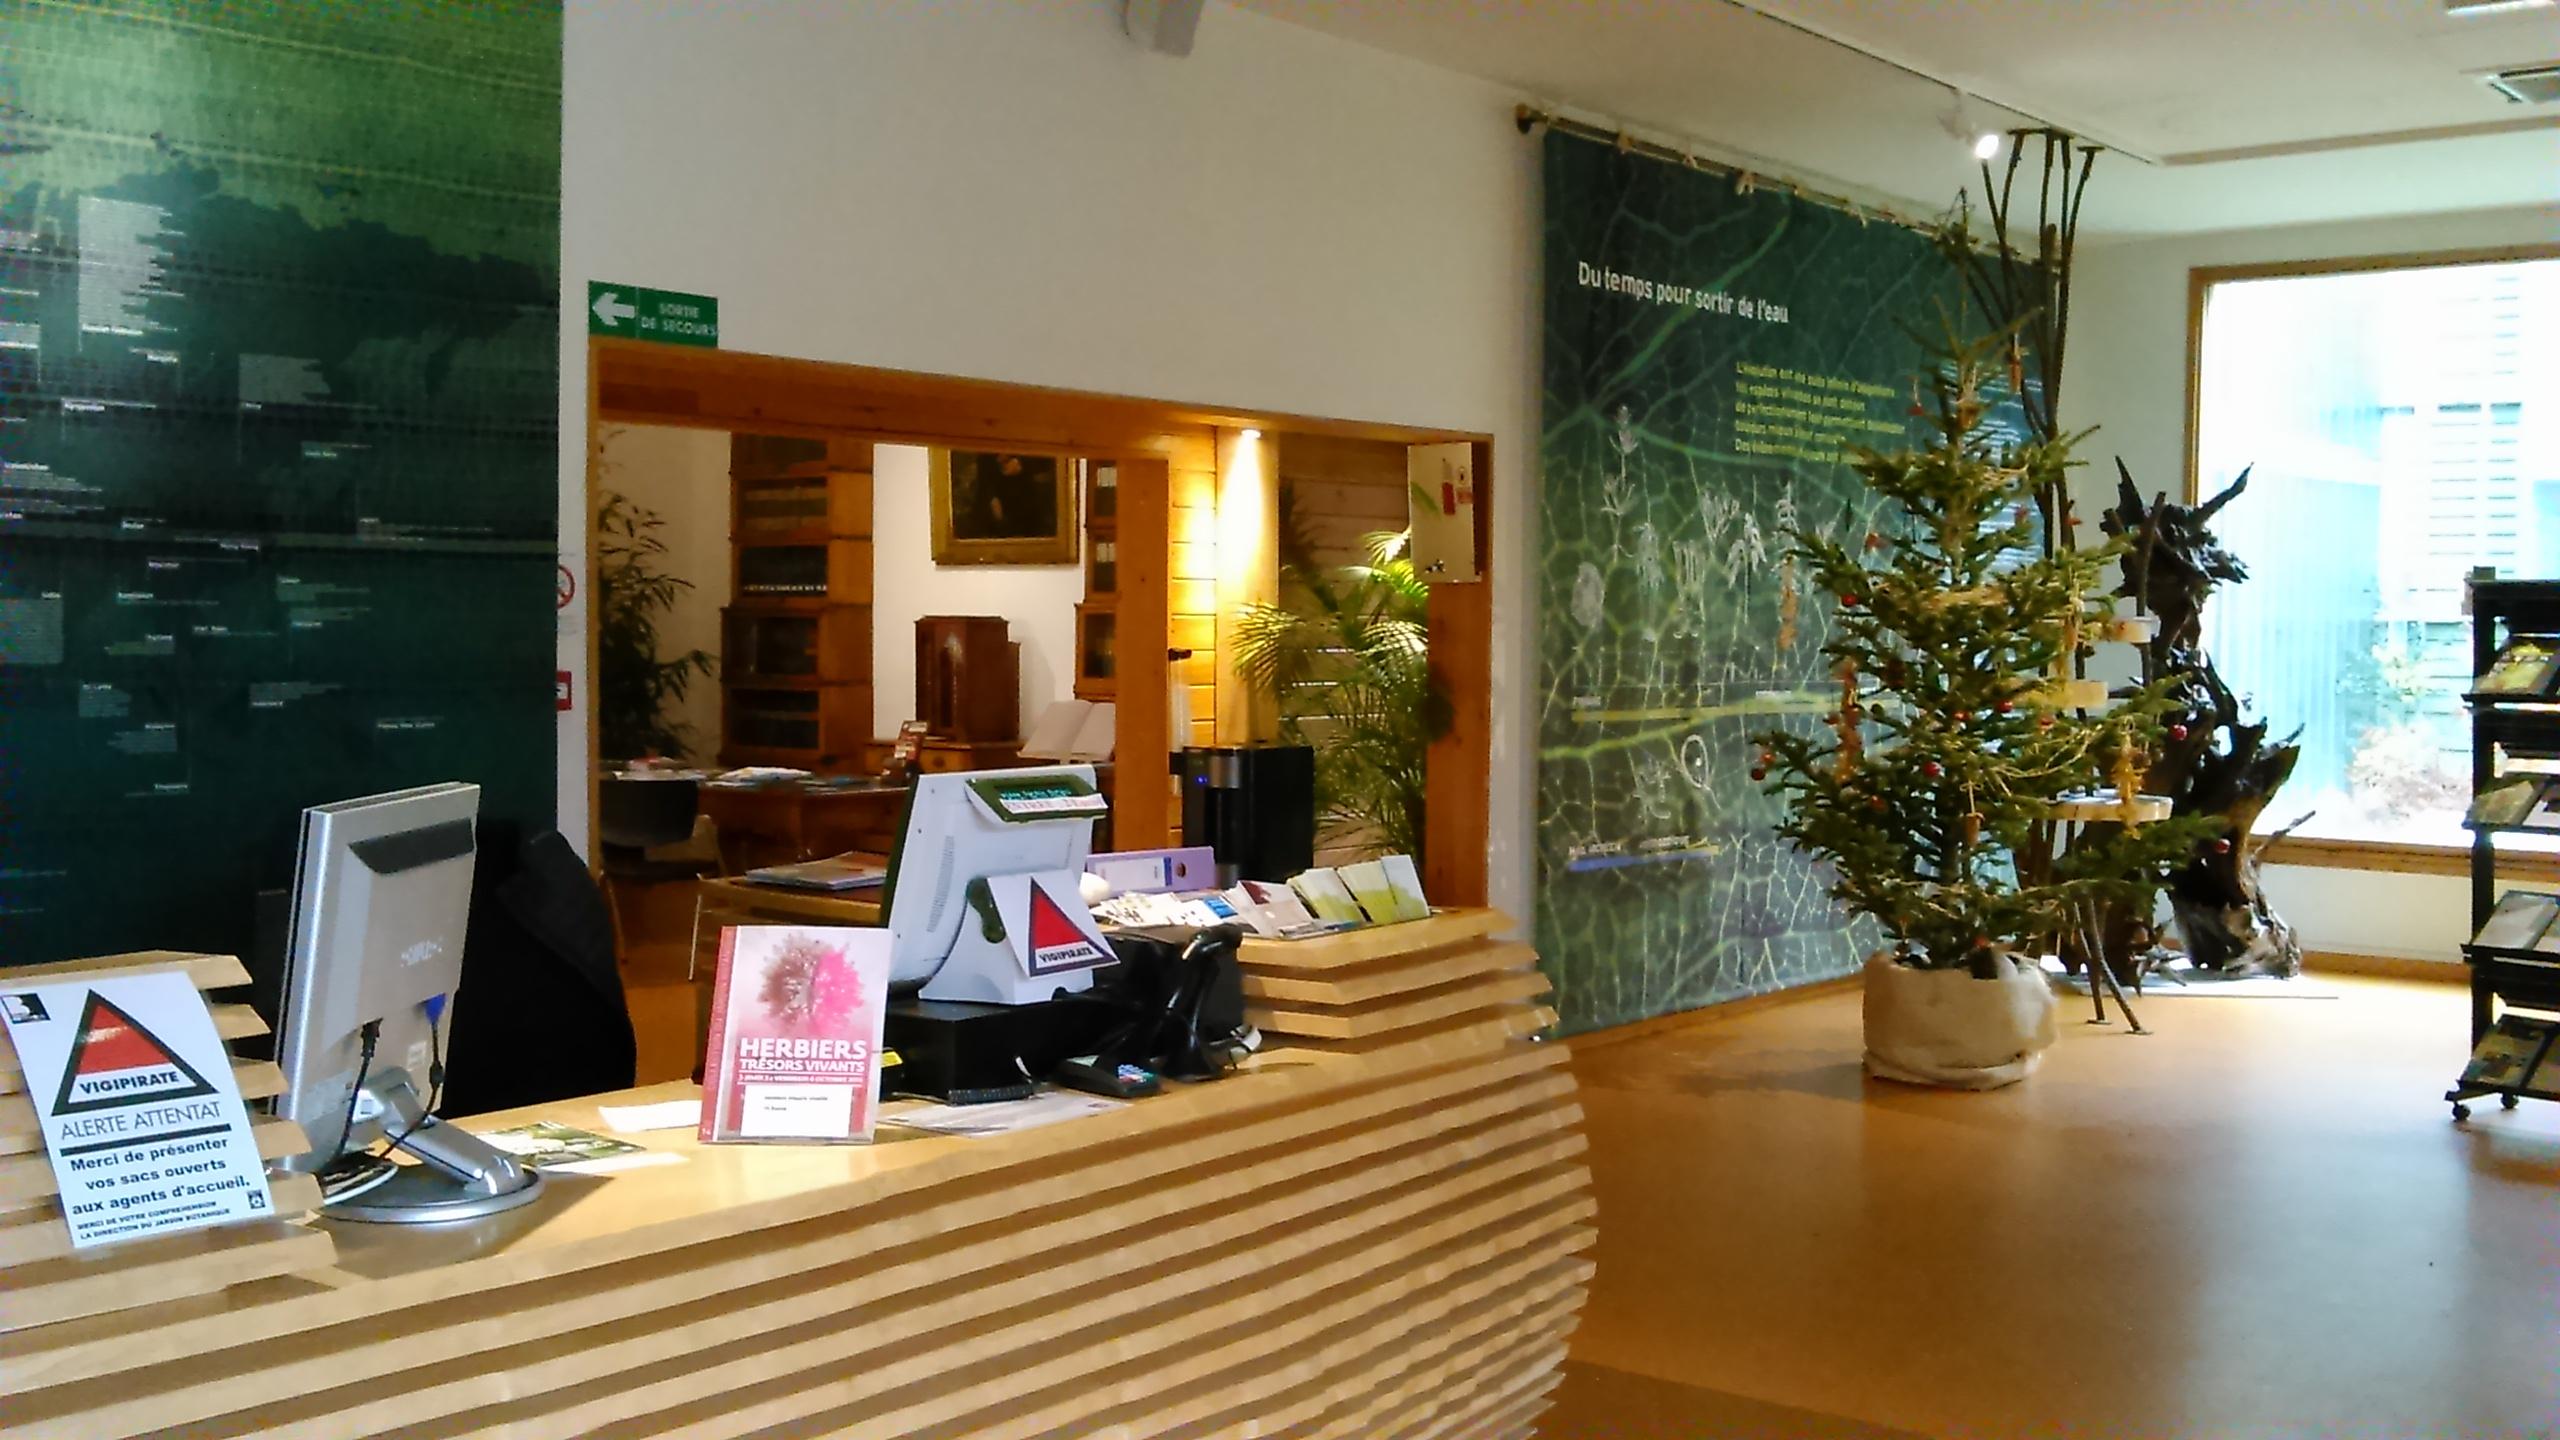 Agent d 39 accueil jardin botanique de bordeaux for Appartement bordeaux jardin botanique